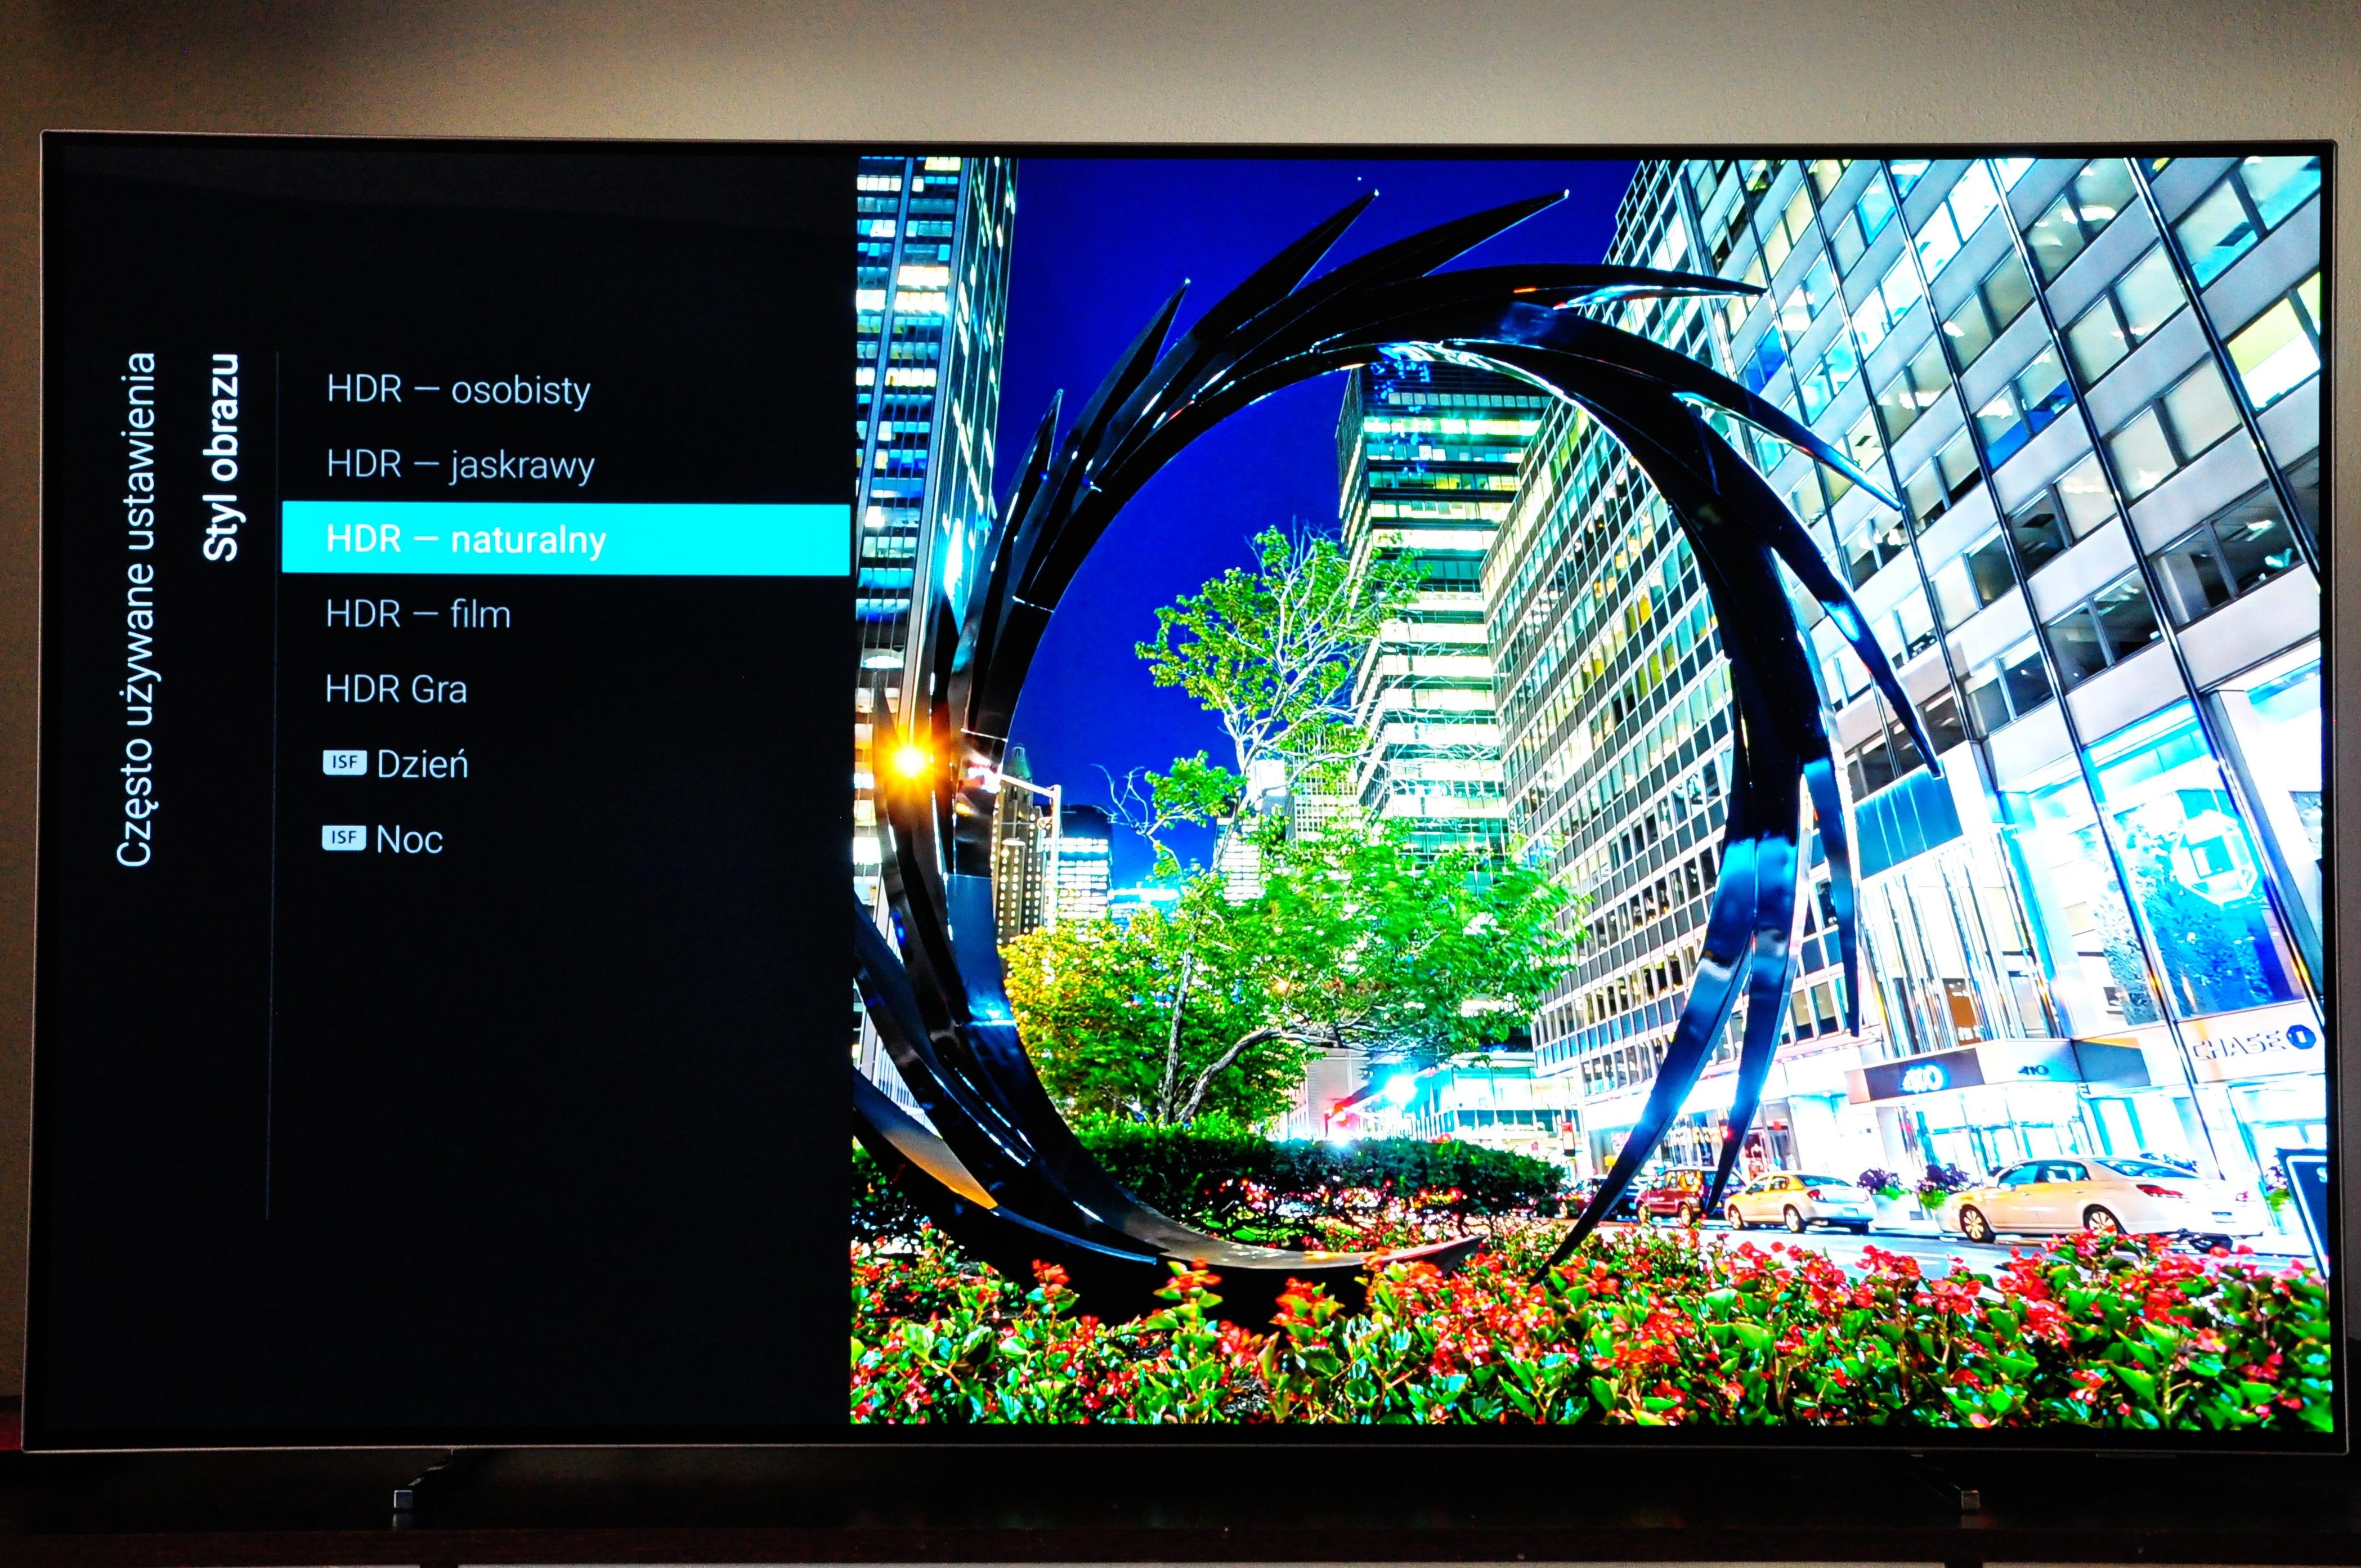 Recenzja Philips OLED 803/12 - Ambient obrazu i dźwięku 26